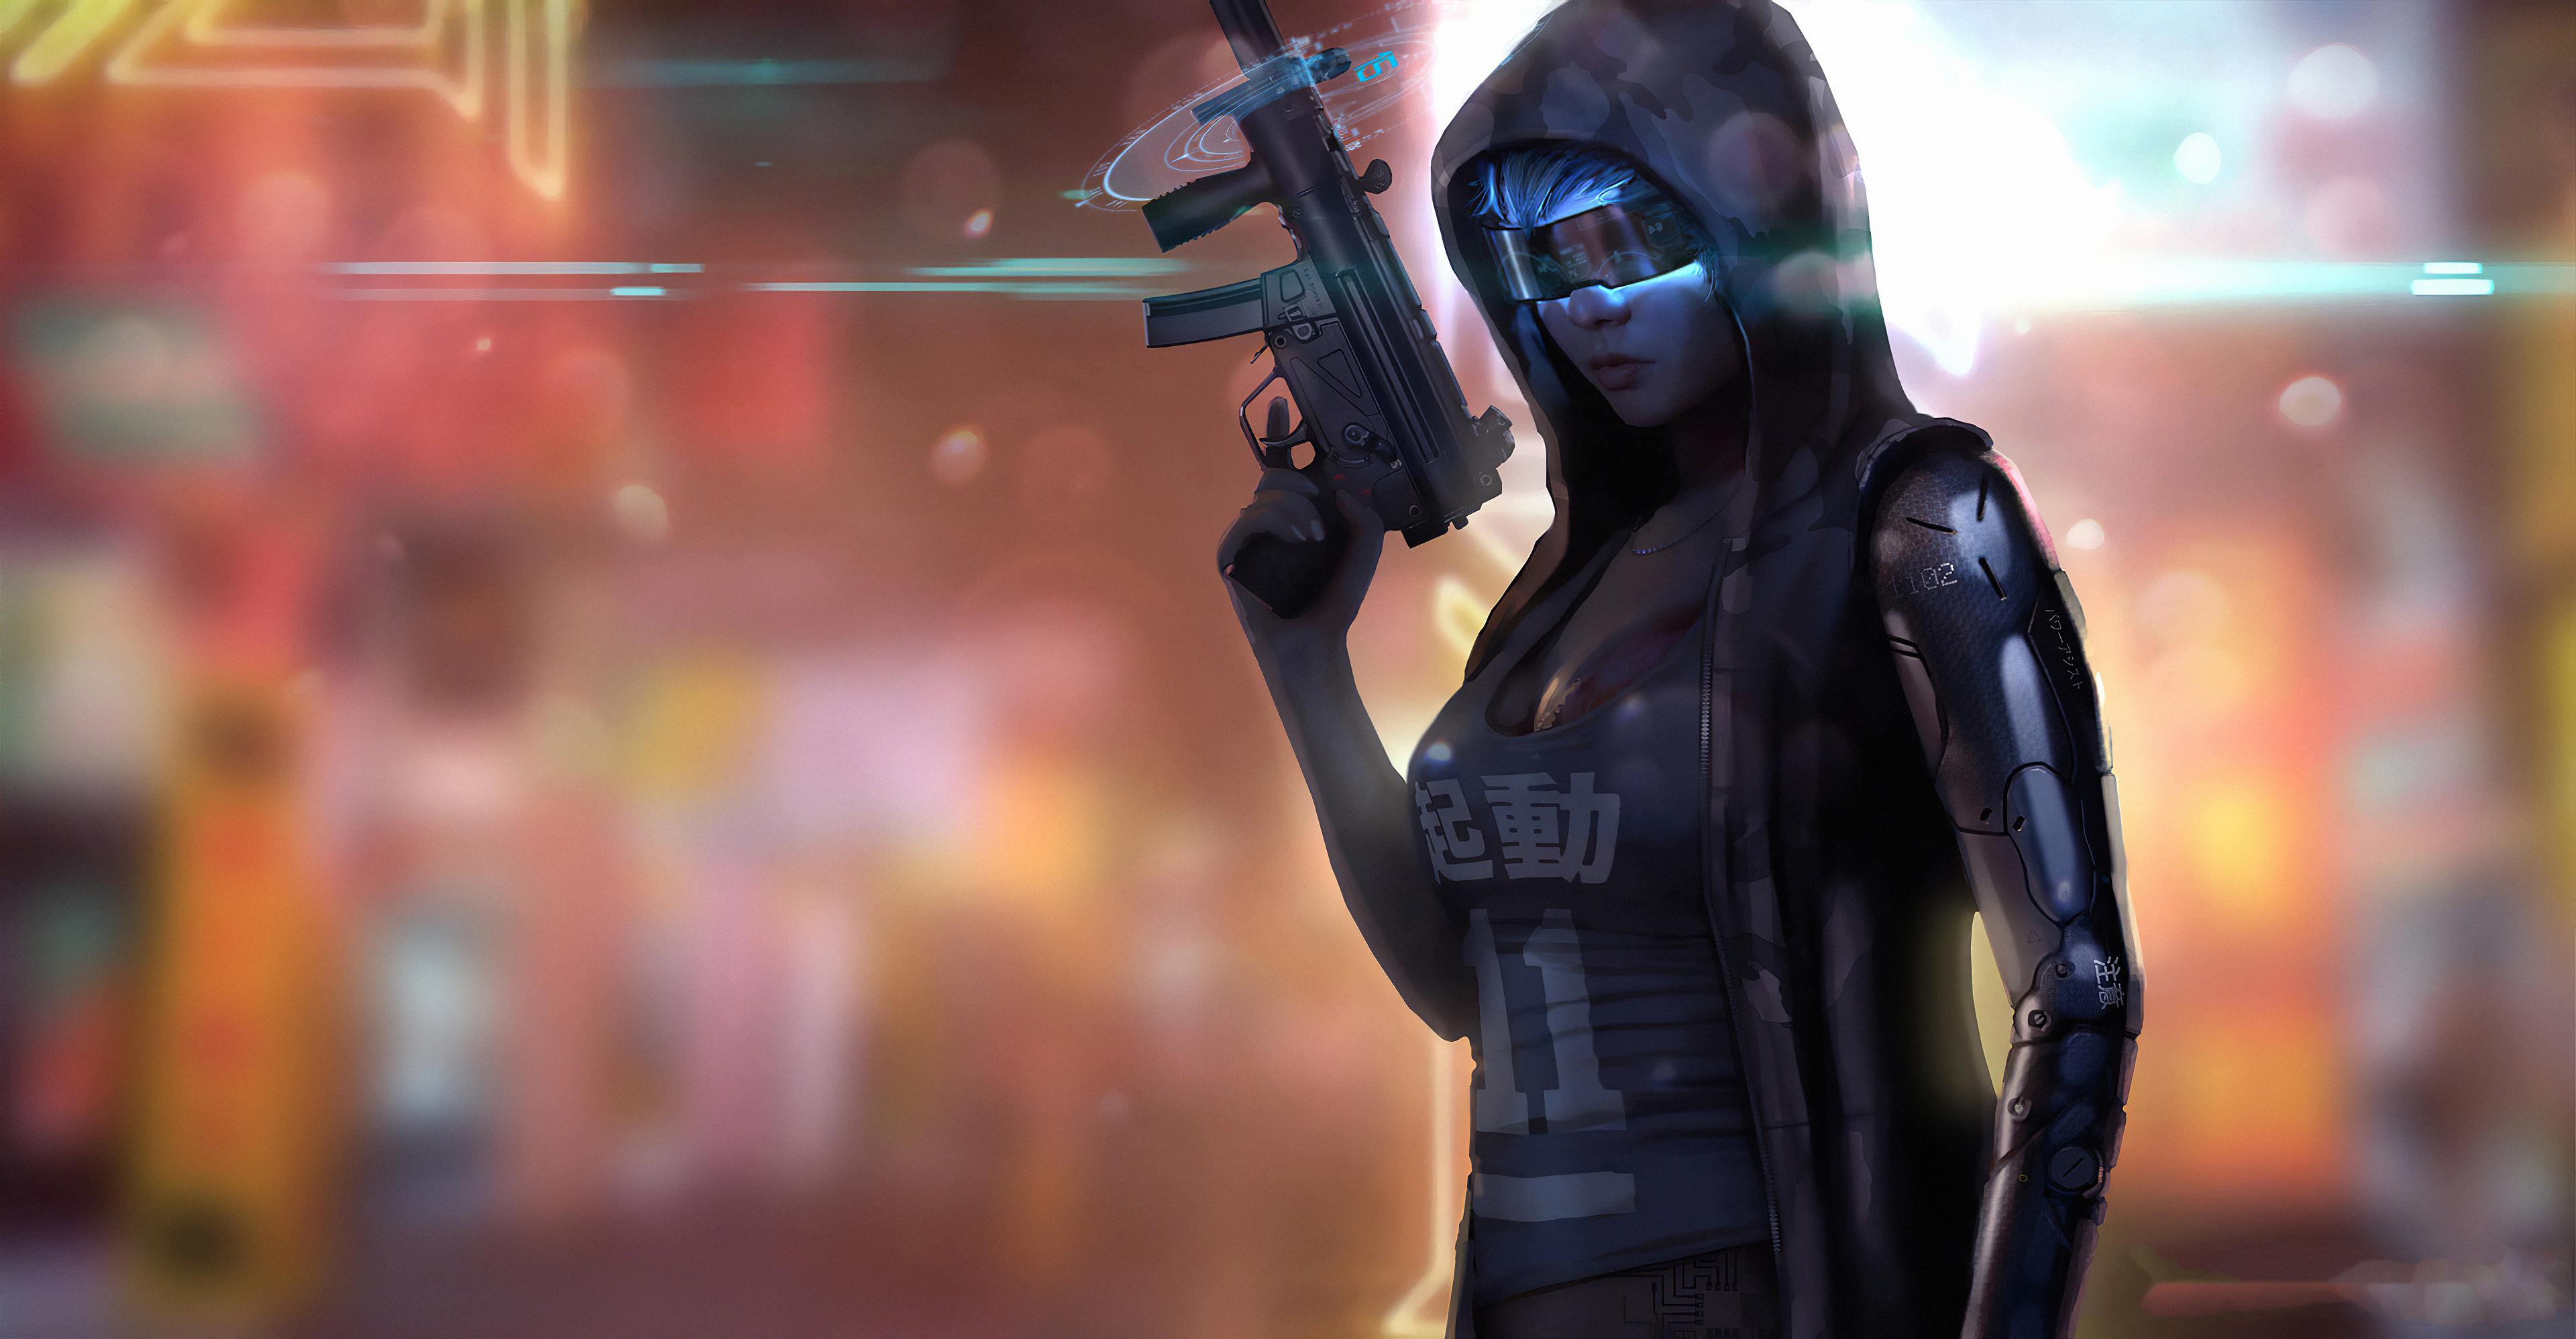 cyberpunk girl gun 1575661741 - Cyberpunk Girl Gun -